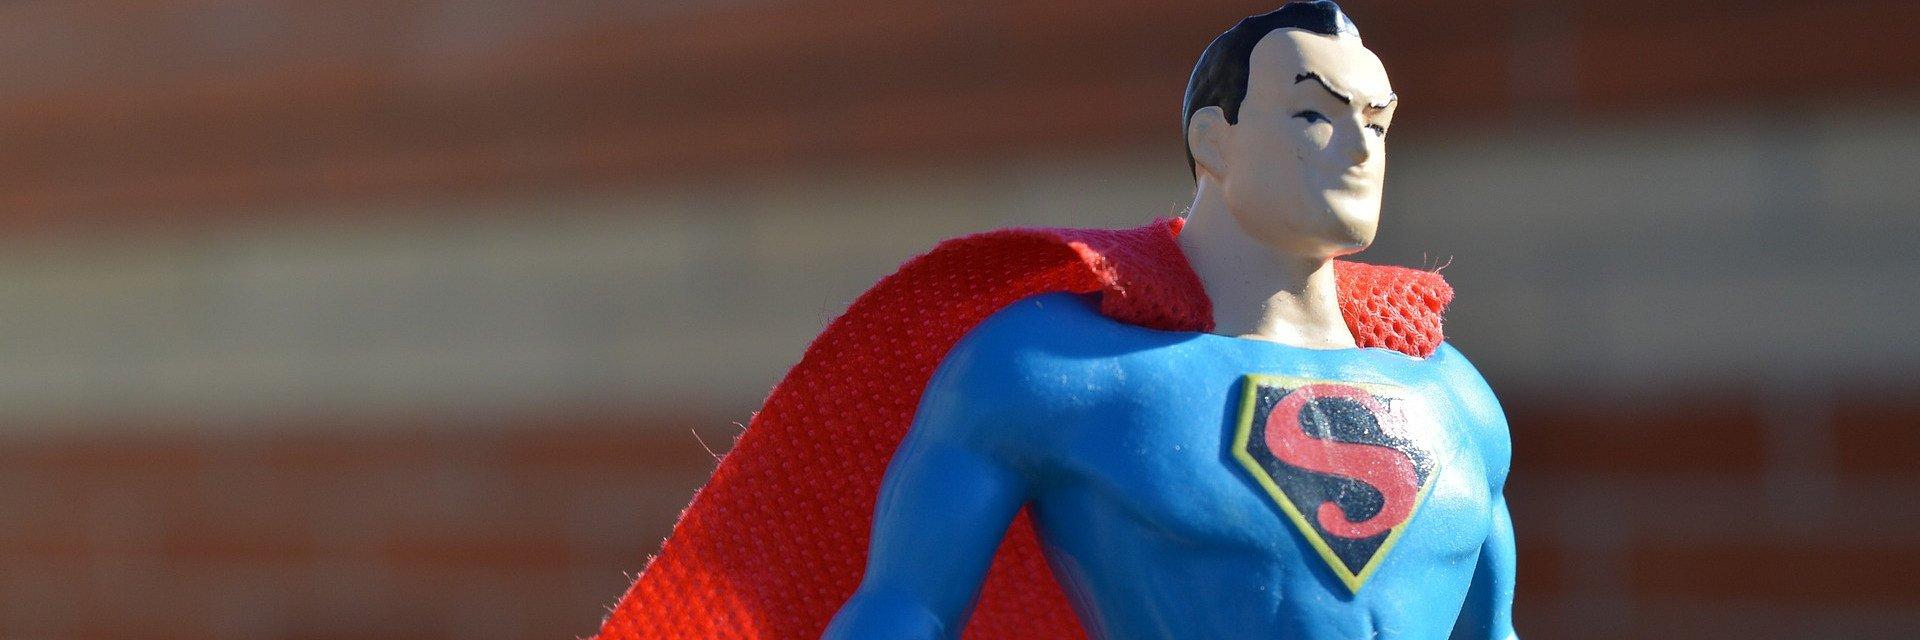 Farmaceuta superbohaterem XXI wieku